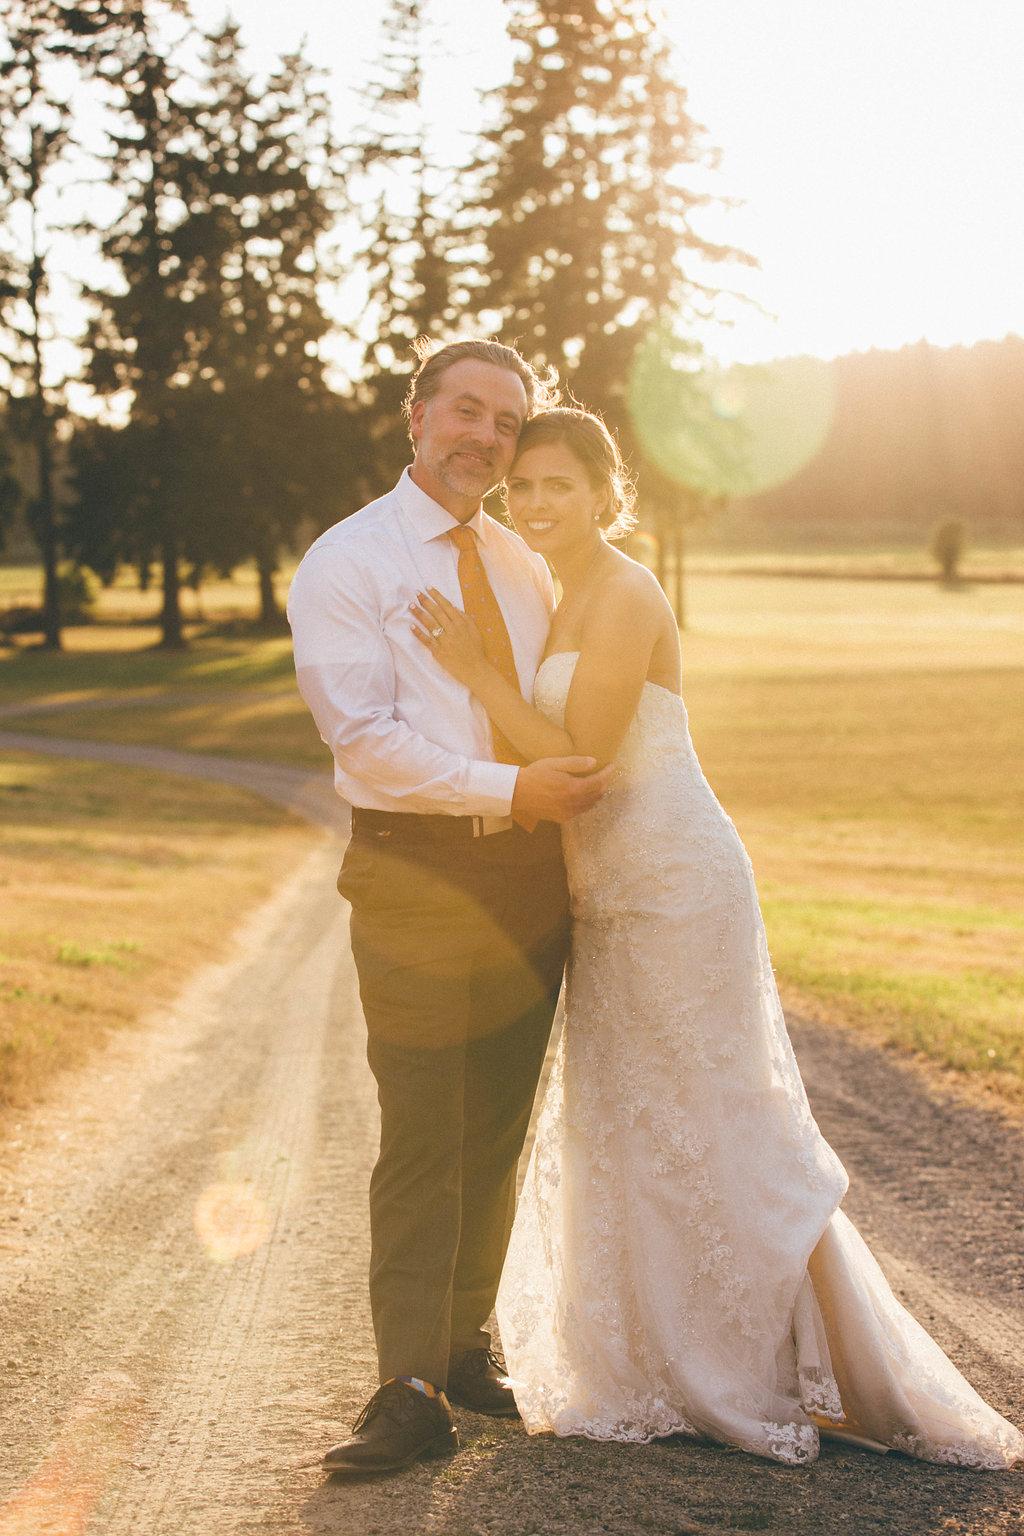 Erin+Tyson_The_Kelley_Farm_Wedding_by_Adina_Preston_Weddings_348.JPG